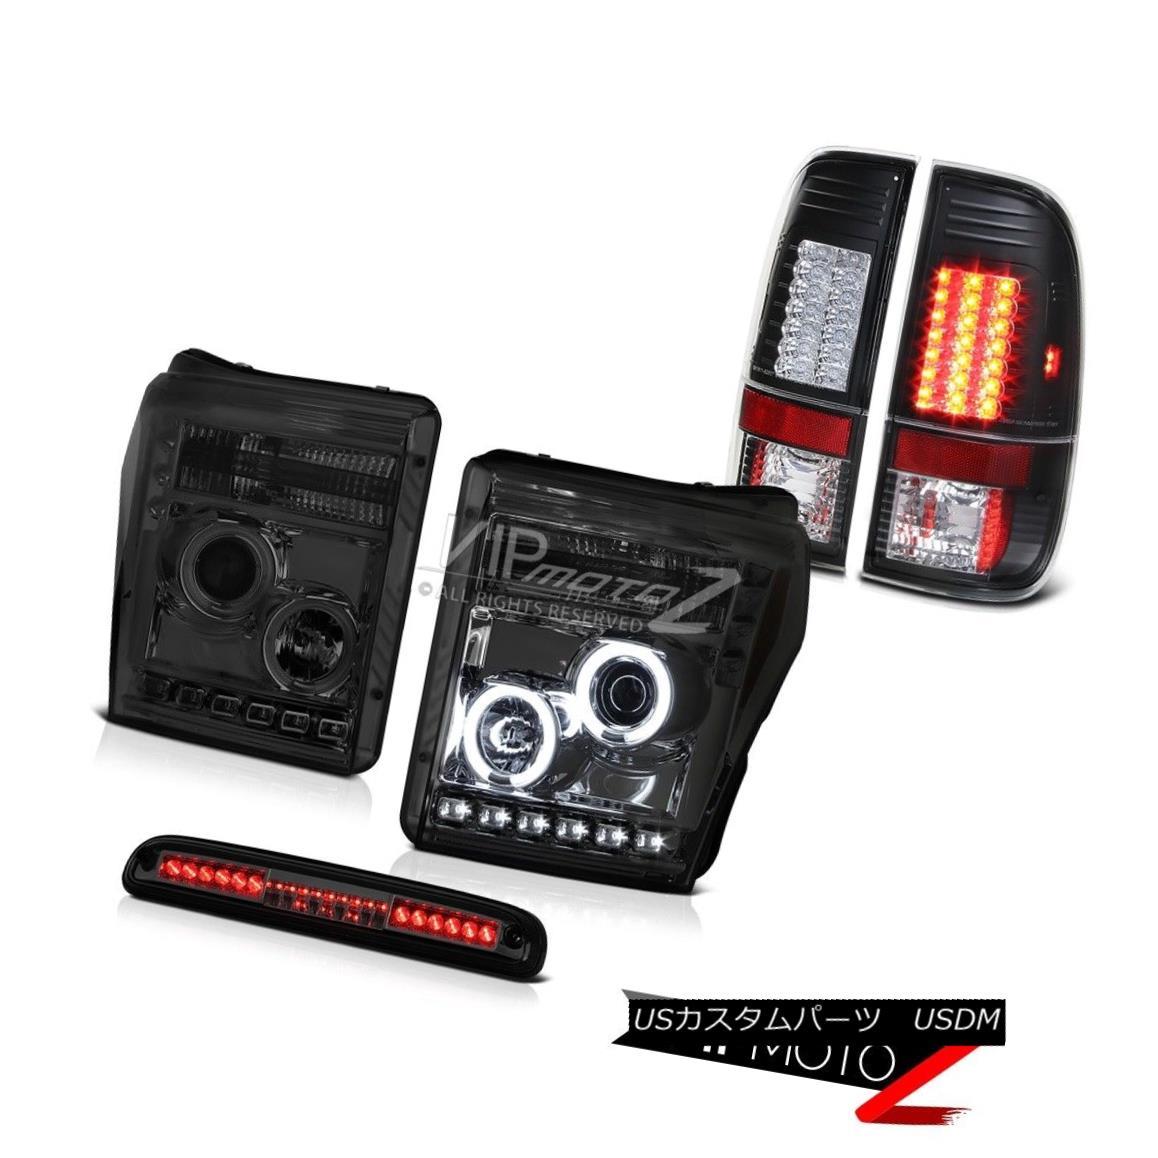 テールライト 2011-2016 F250 Xlt Smoked Third Brake Light Parking Lights Projector Headlights 2011-2016 F250 Xltスモークサードブレーキライトパーキングライトプロジェクターヘッドライト